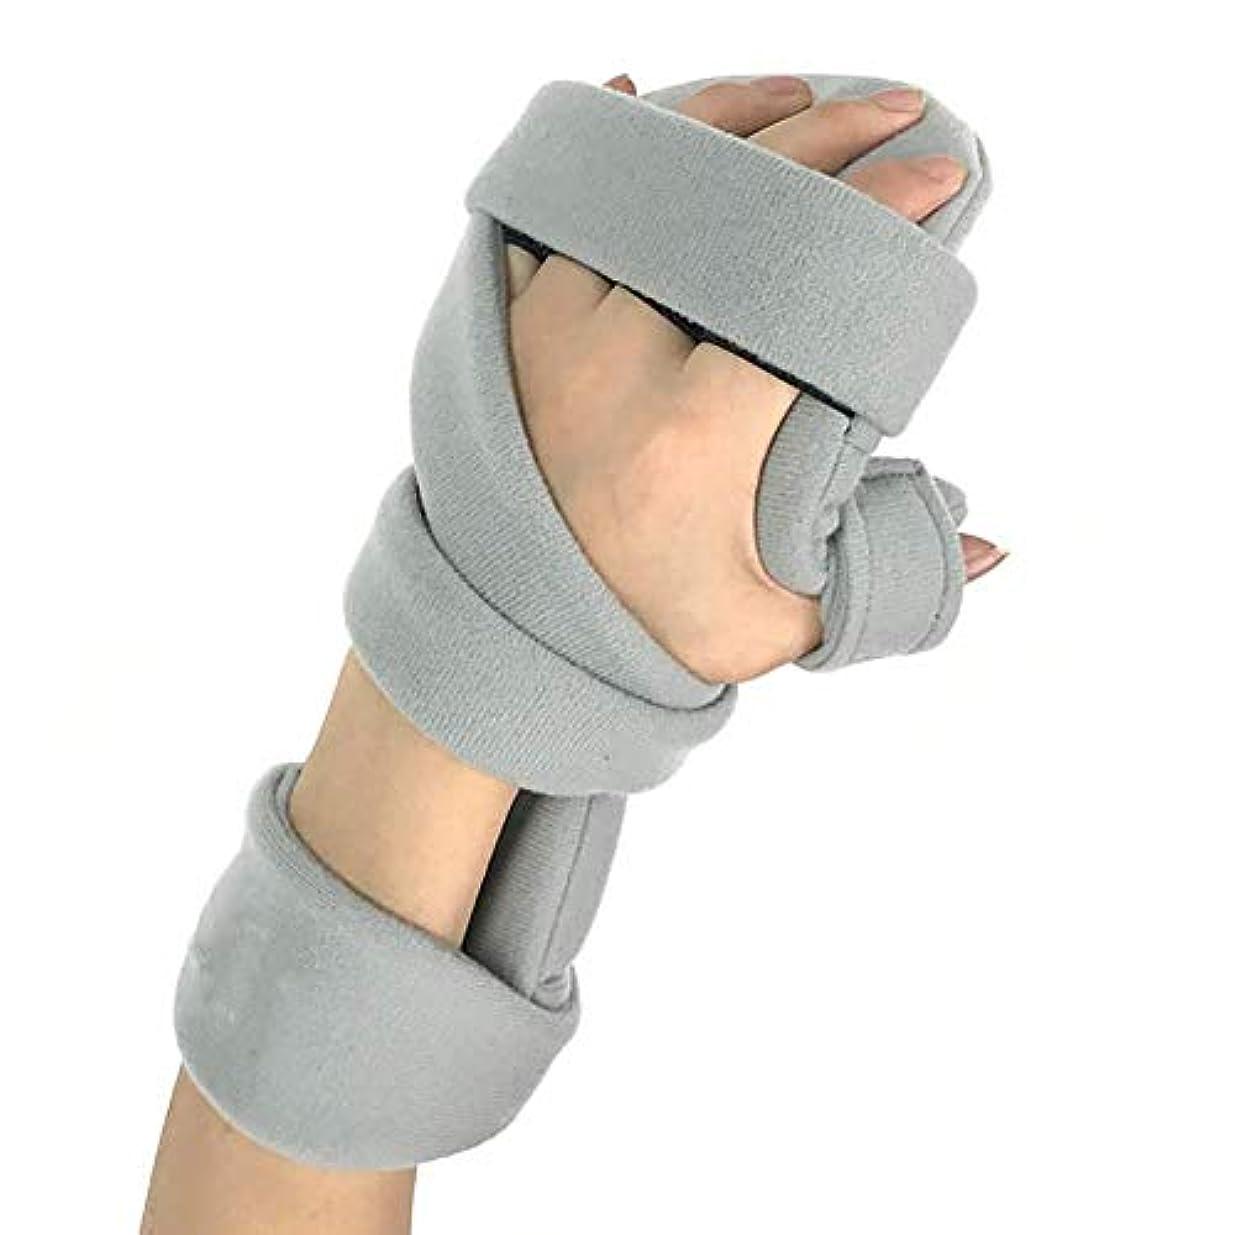 かどうか防水却下するトリガー指副木、関節炎の手指副木用指トレーニングボード、手首の親指サポート手,RightHand